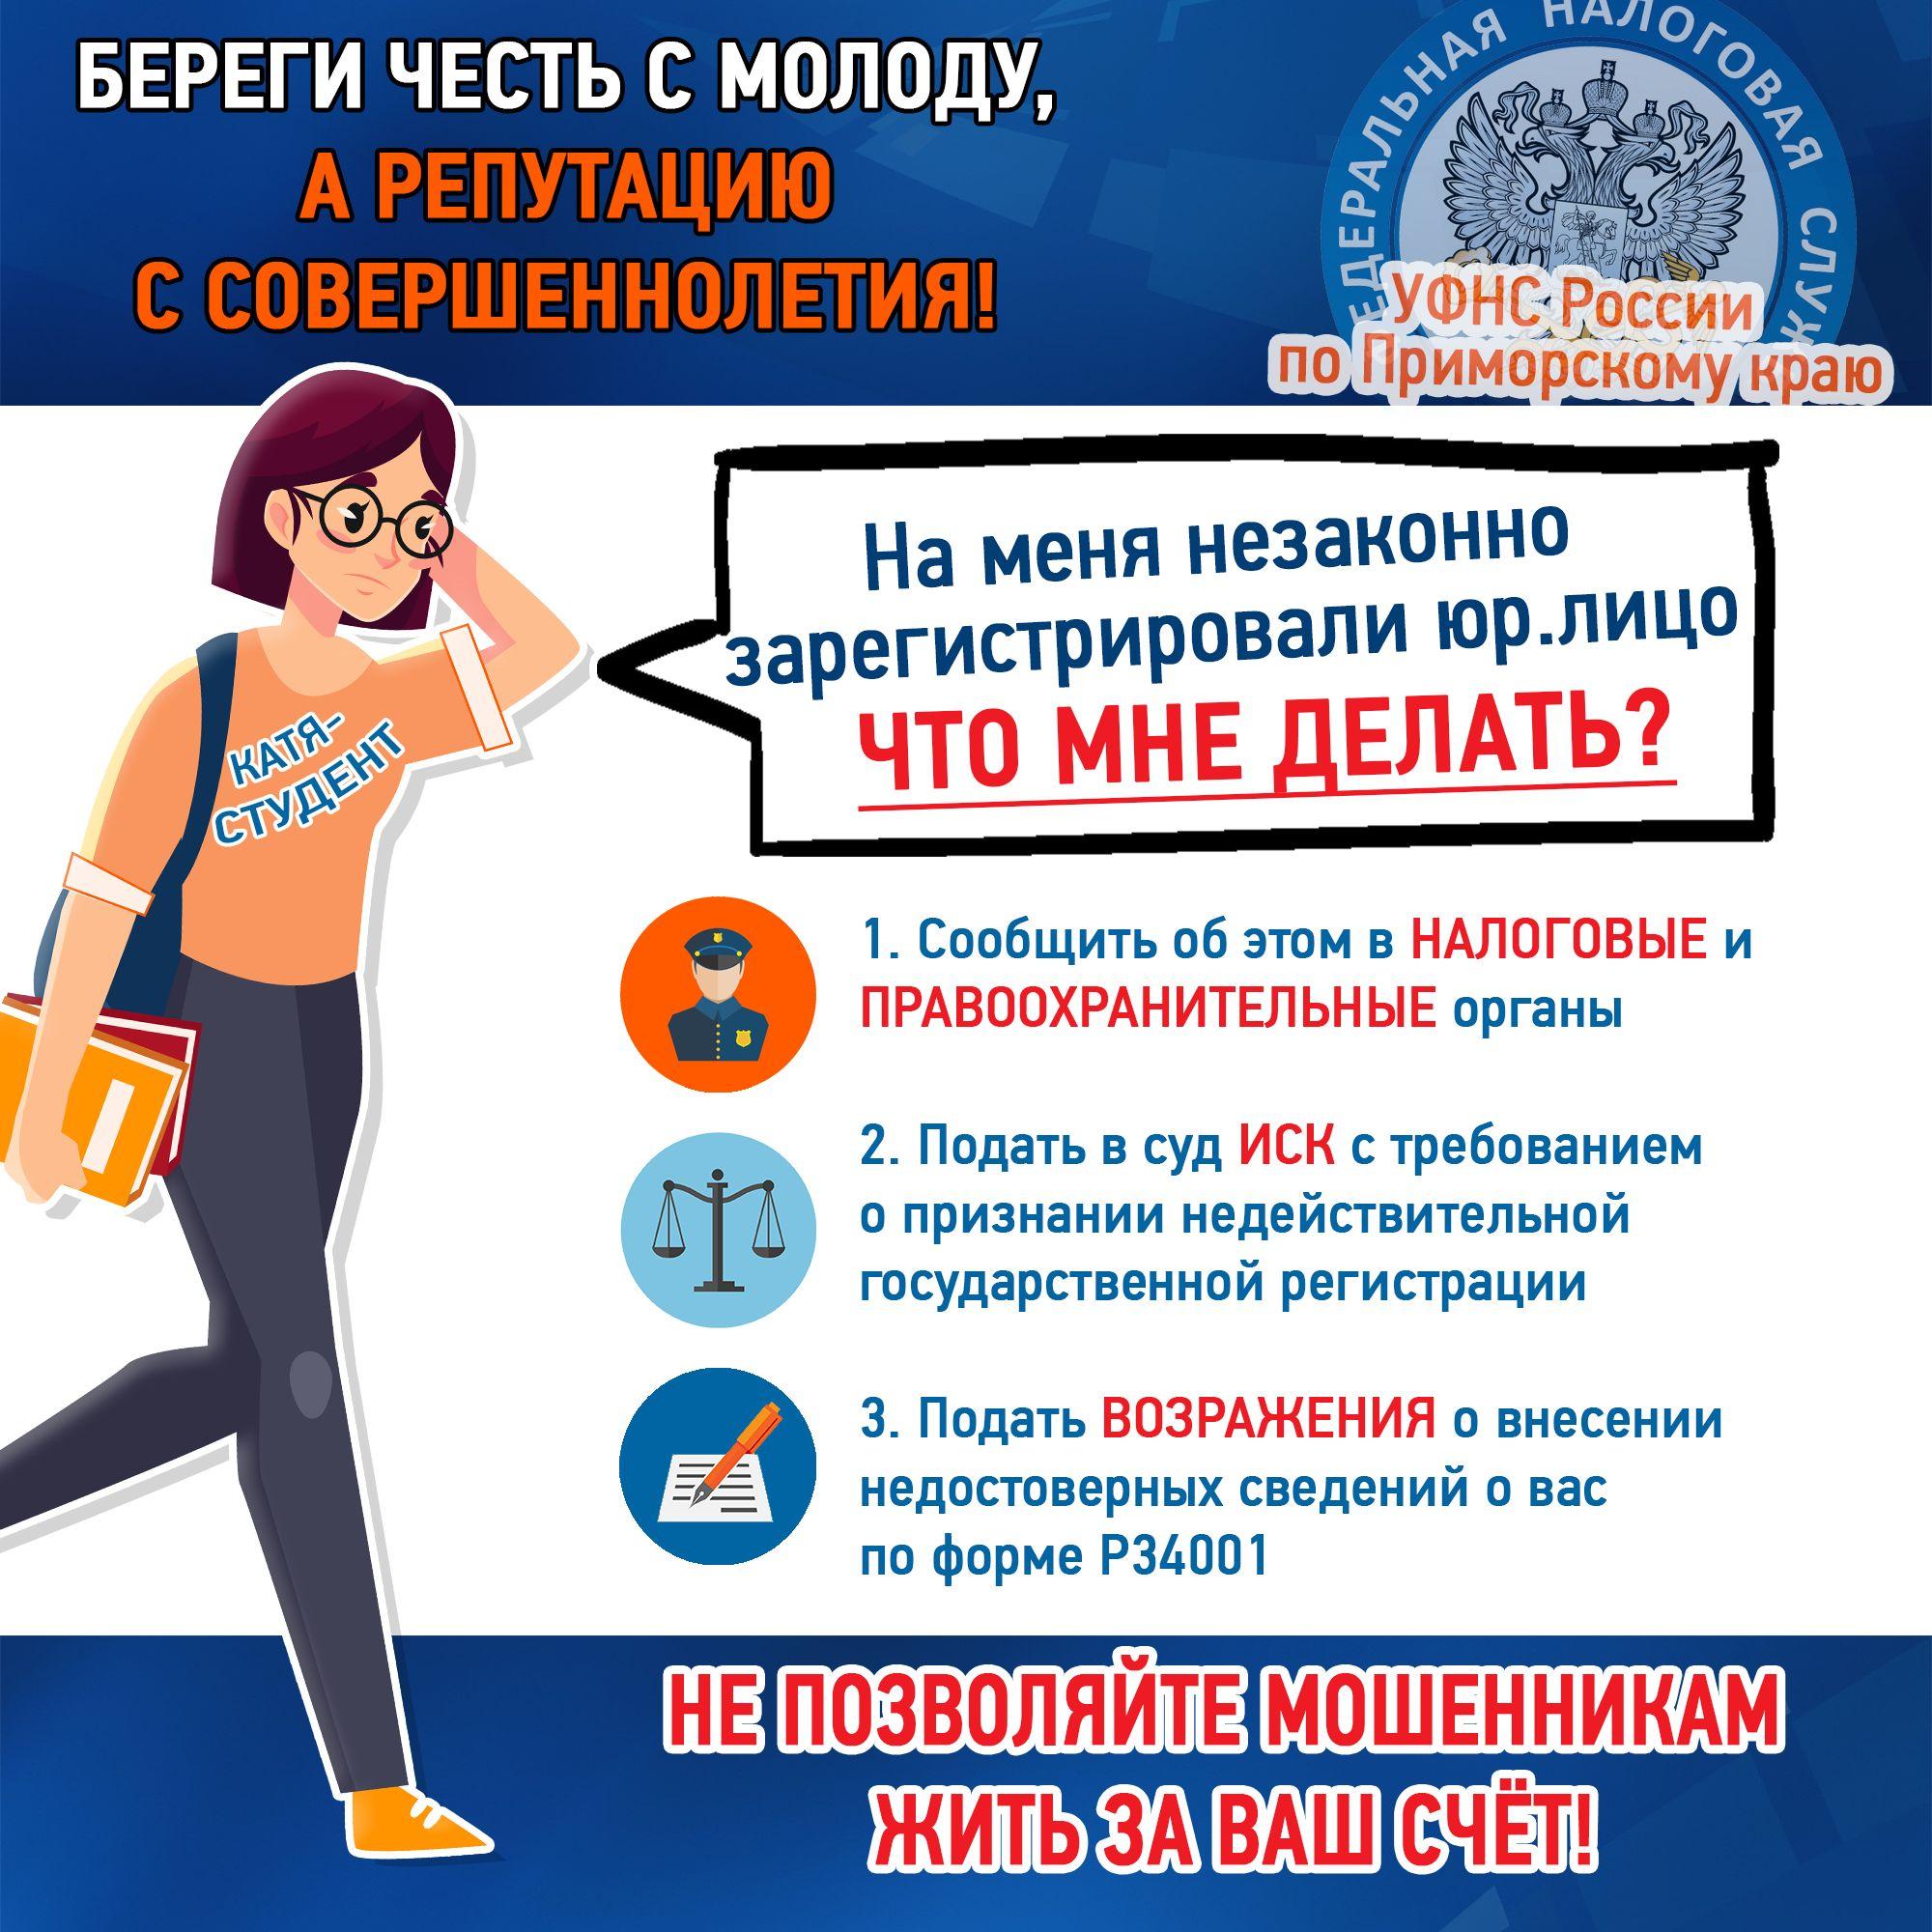 Памятка УФНС России по Приморскому краю о мерах по решению вопроса о незаконной регистрации юридических лиц